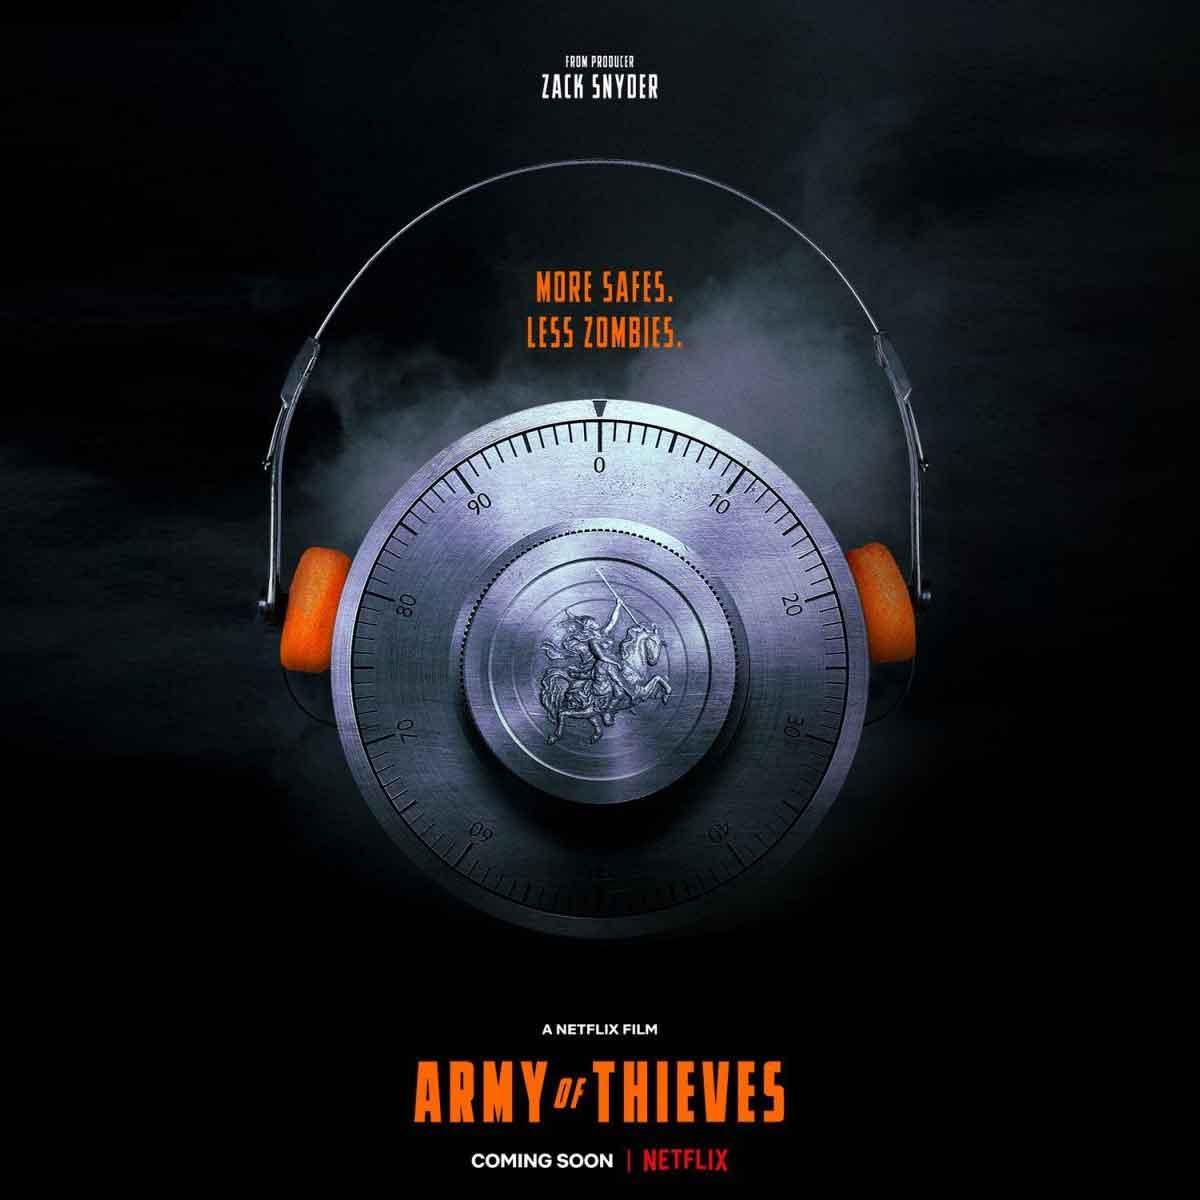 Army of Thieves Zack Snyder no creía en el éxito de Ejército de los muertos